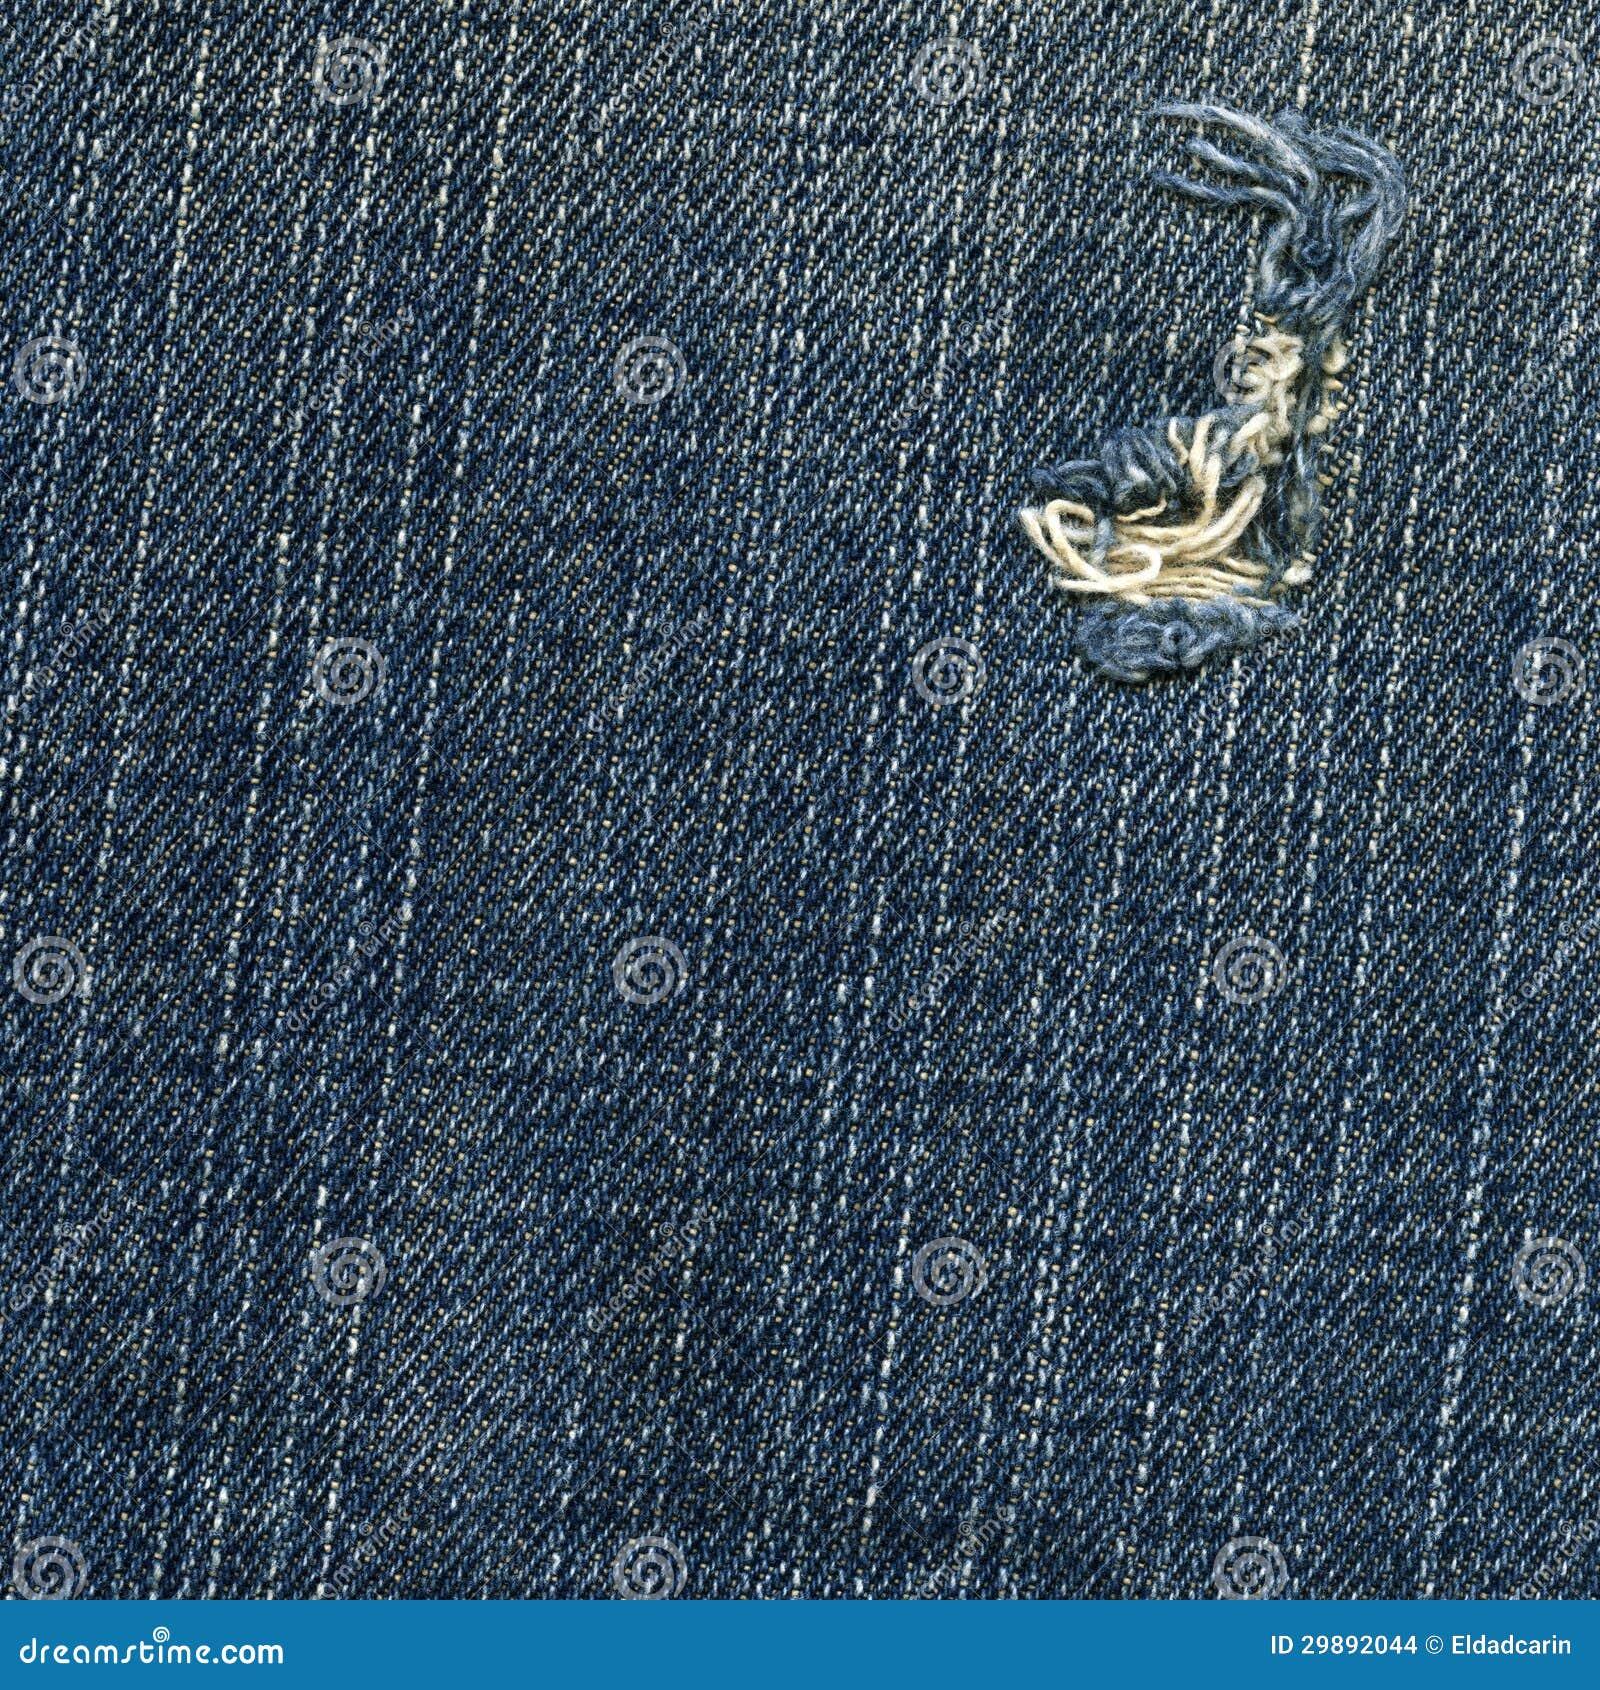 Denim Fabric Texture - Ripped - 630.2KB